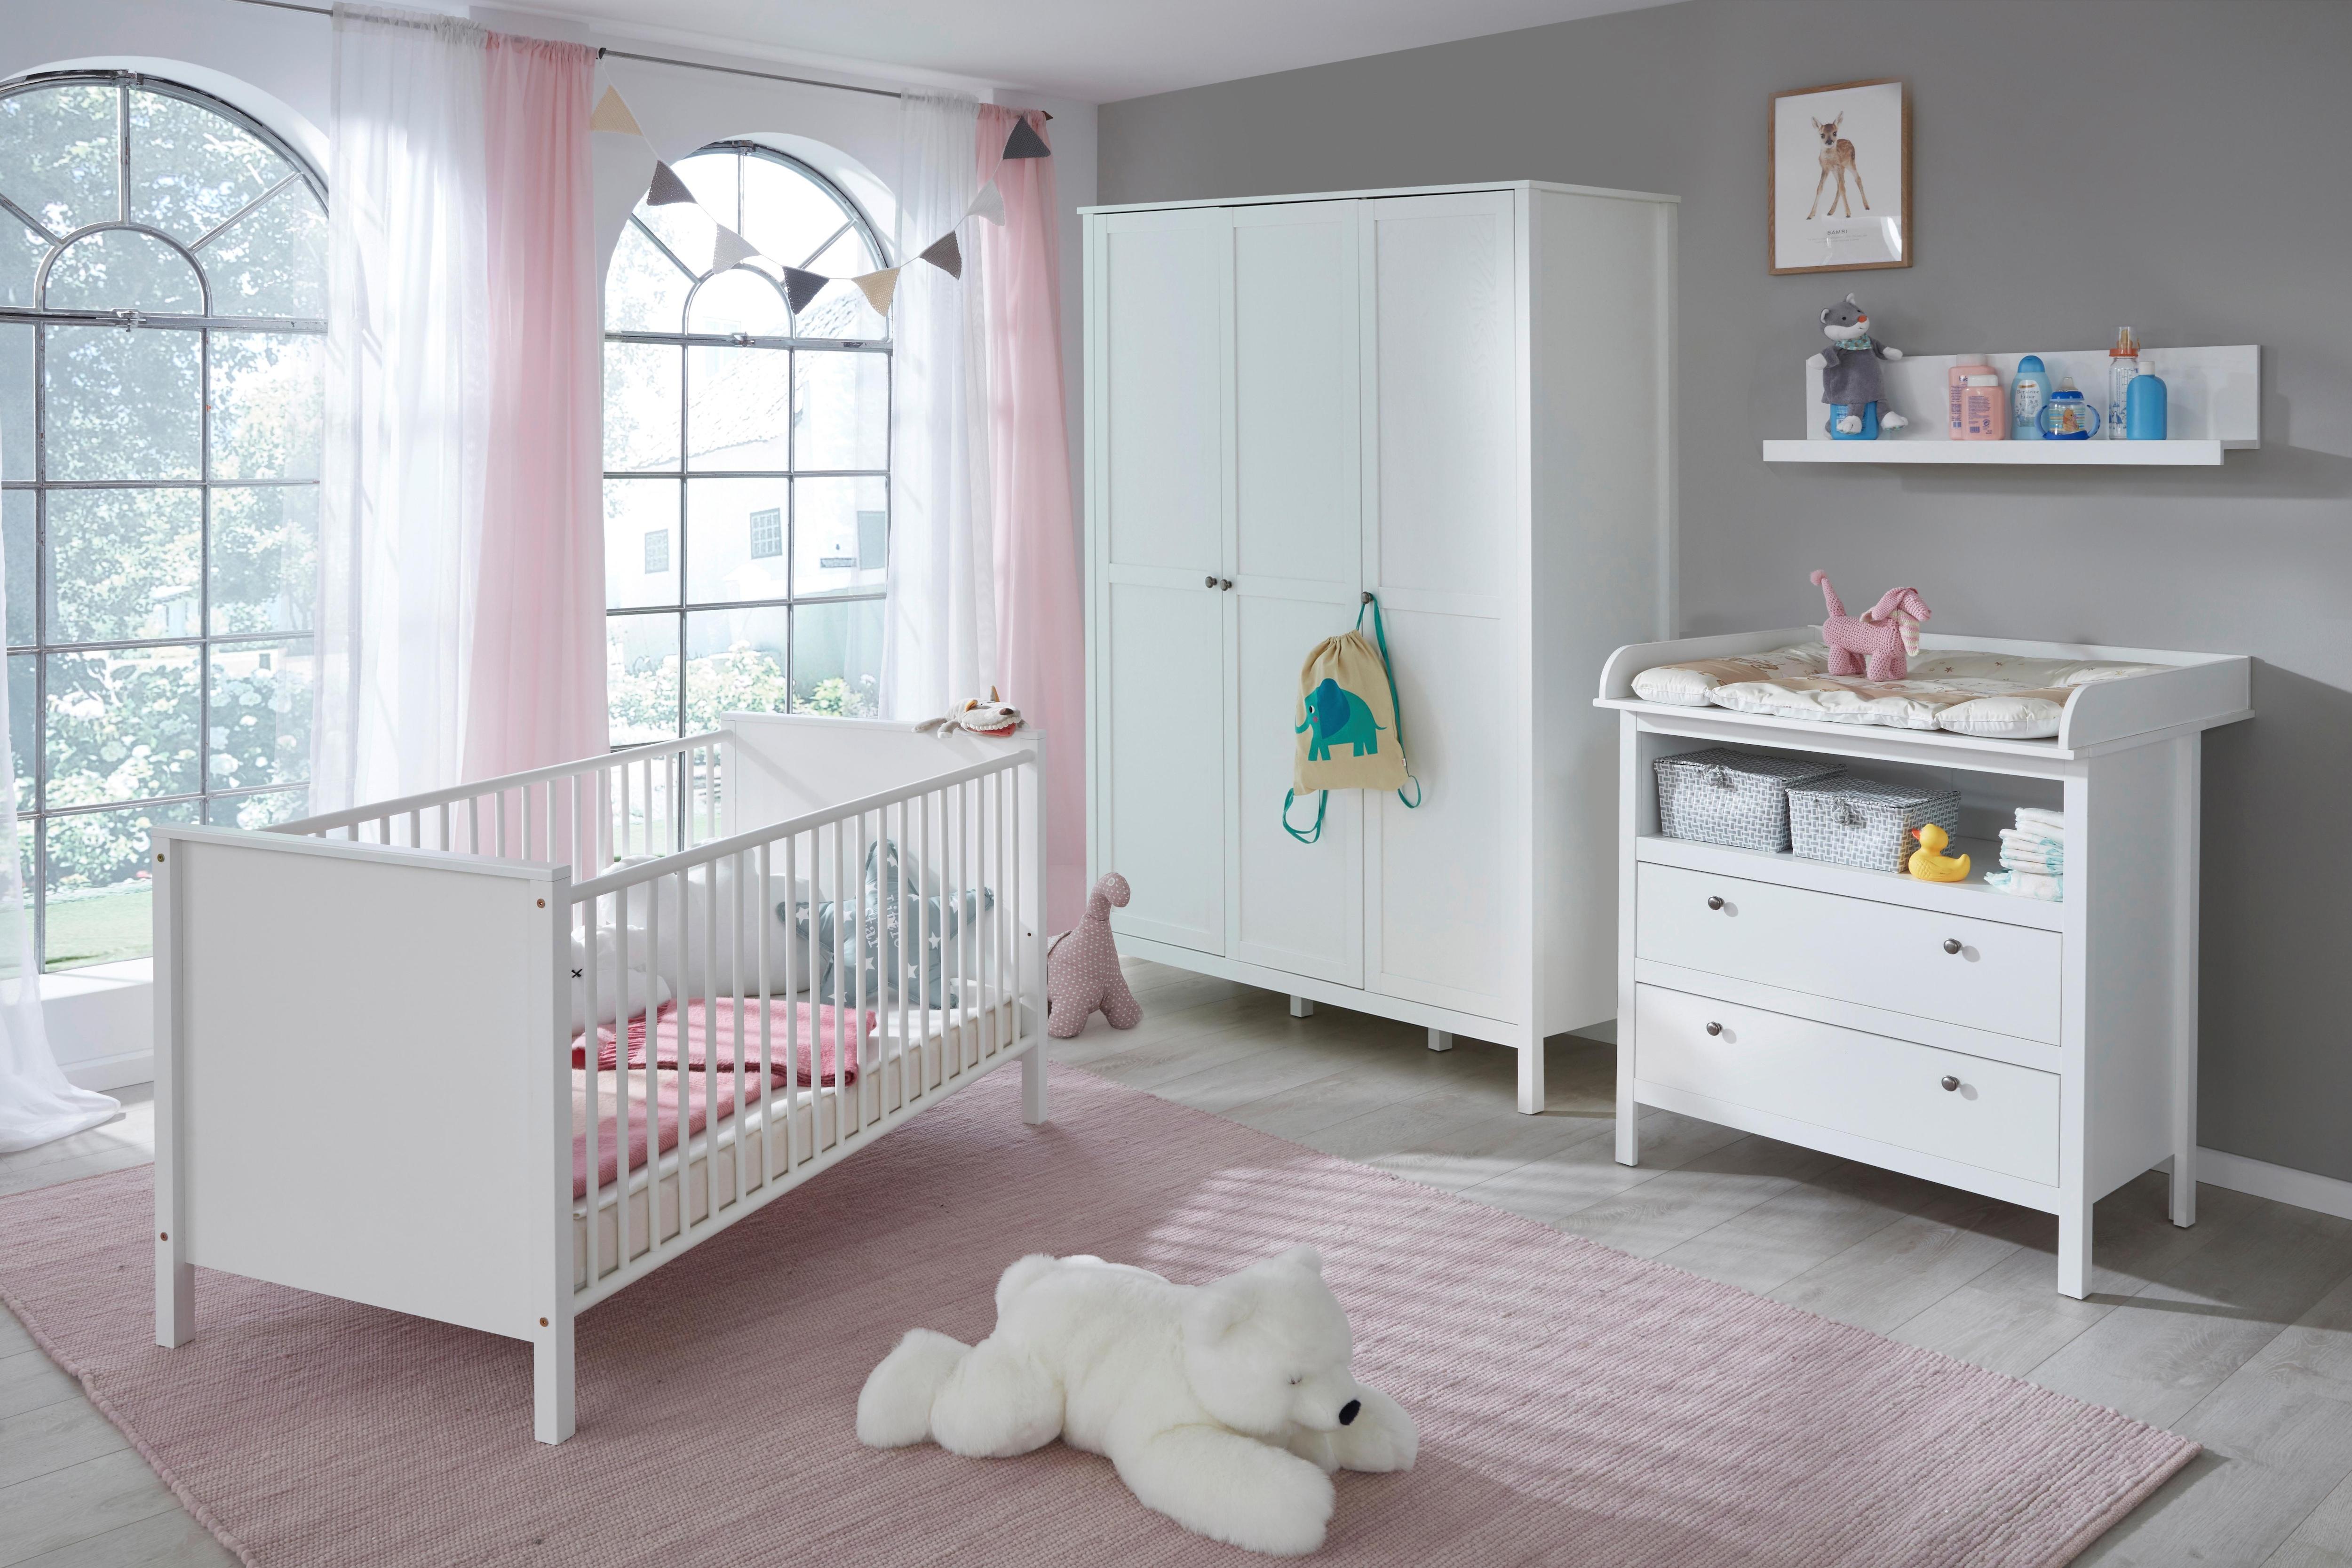 Bebe jou babybetten & babywiegen online kaufen möbel suchmaschine